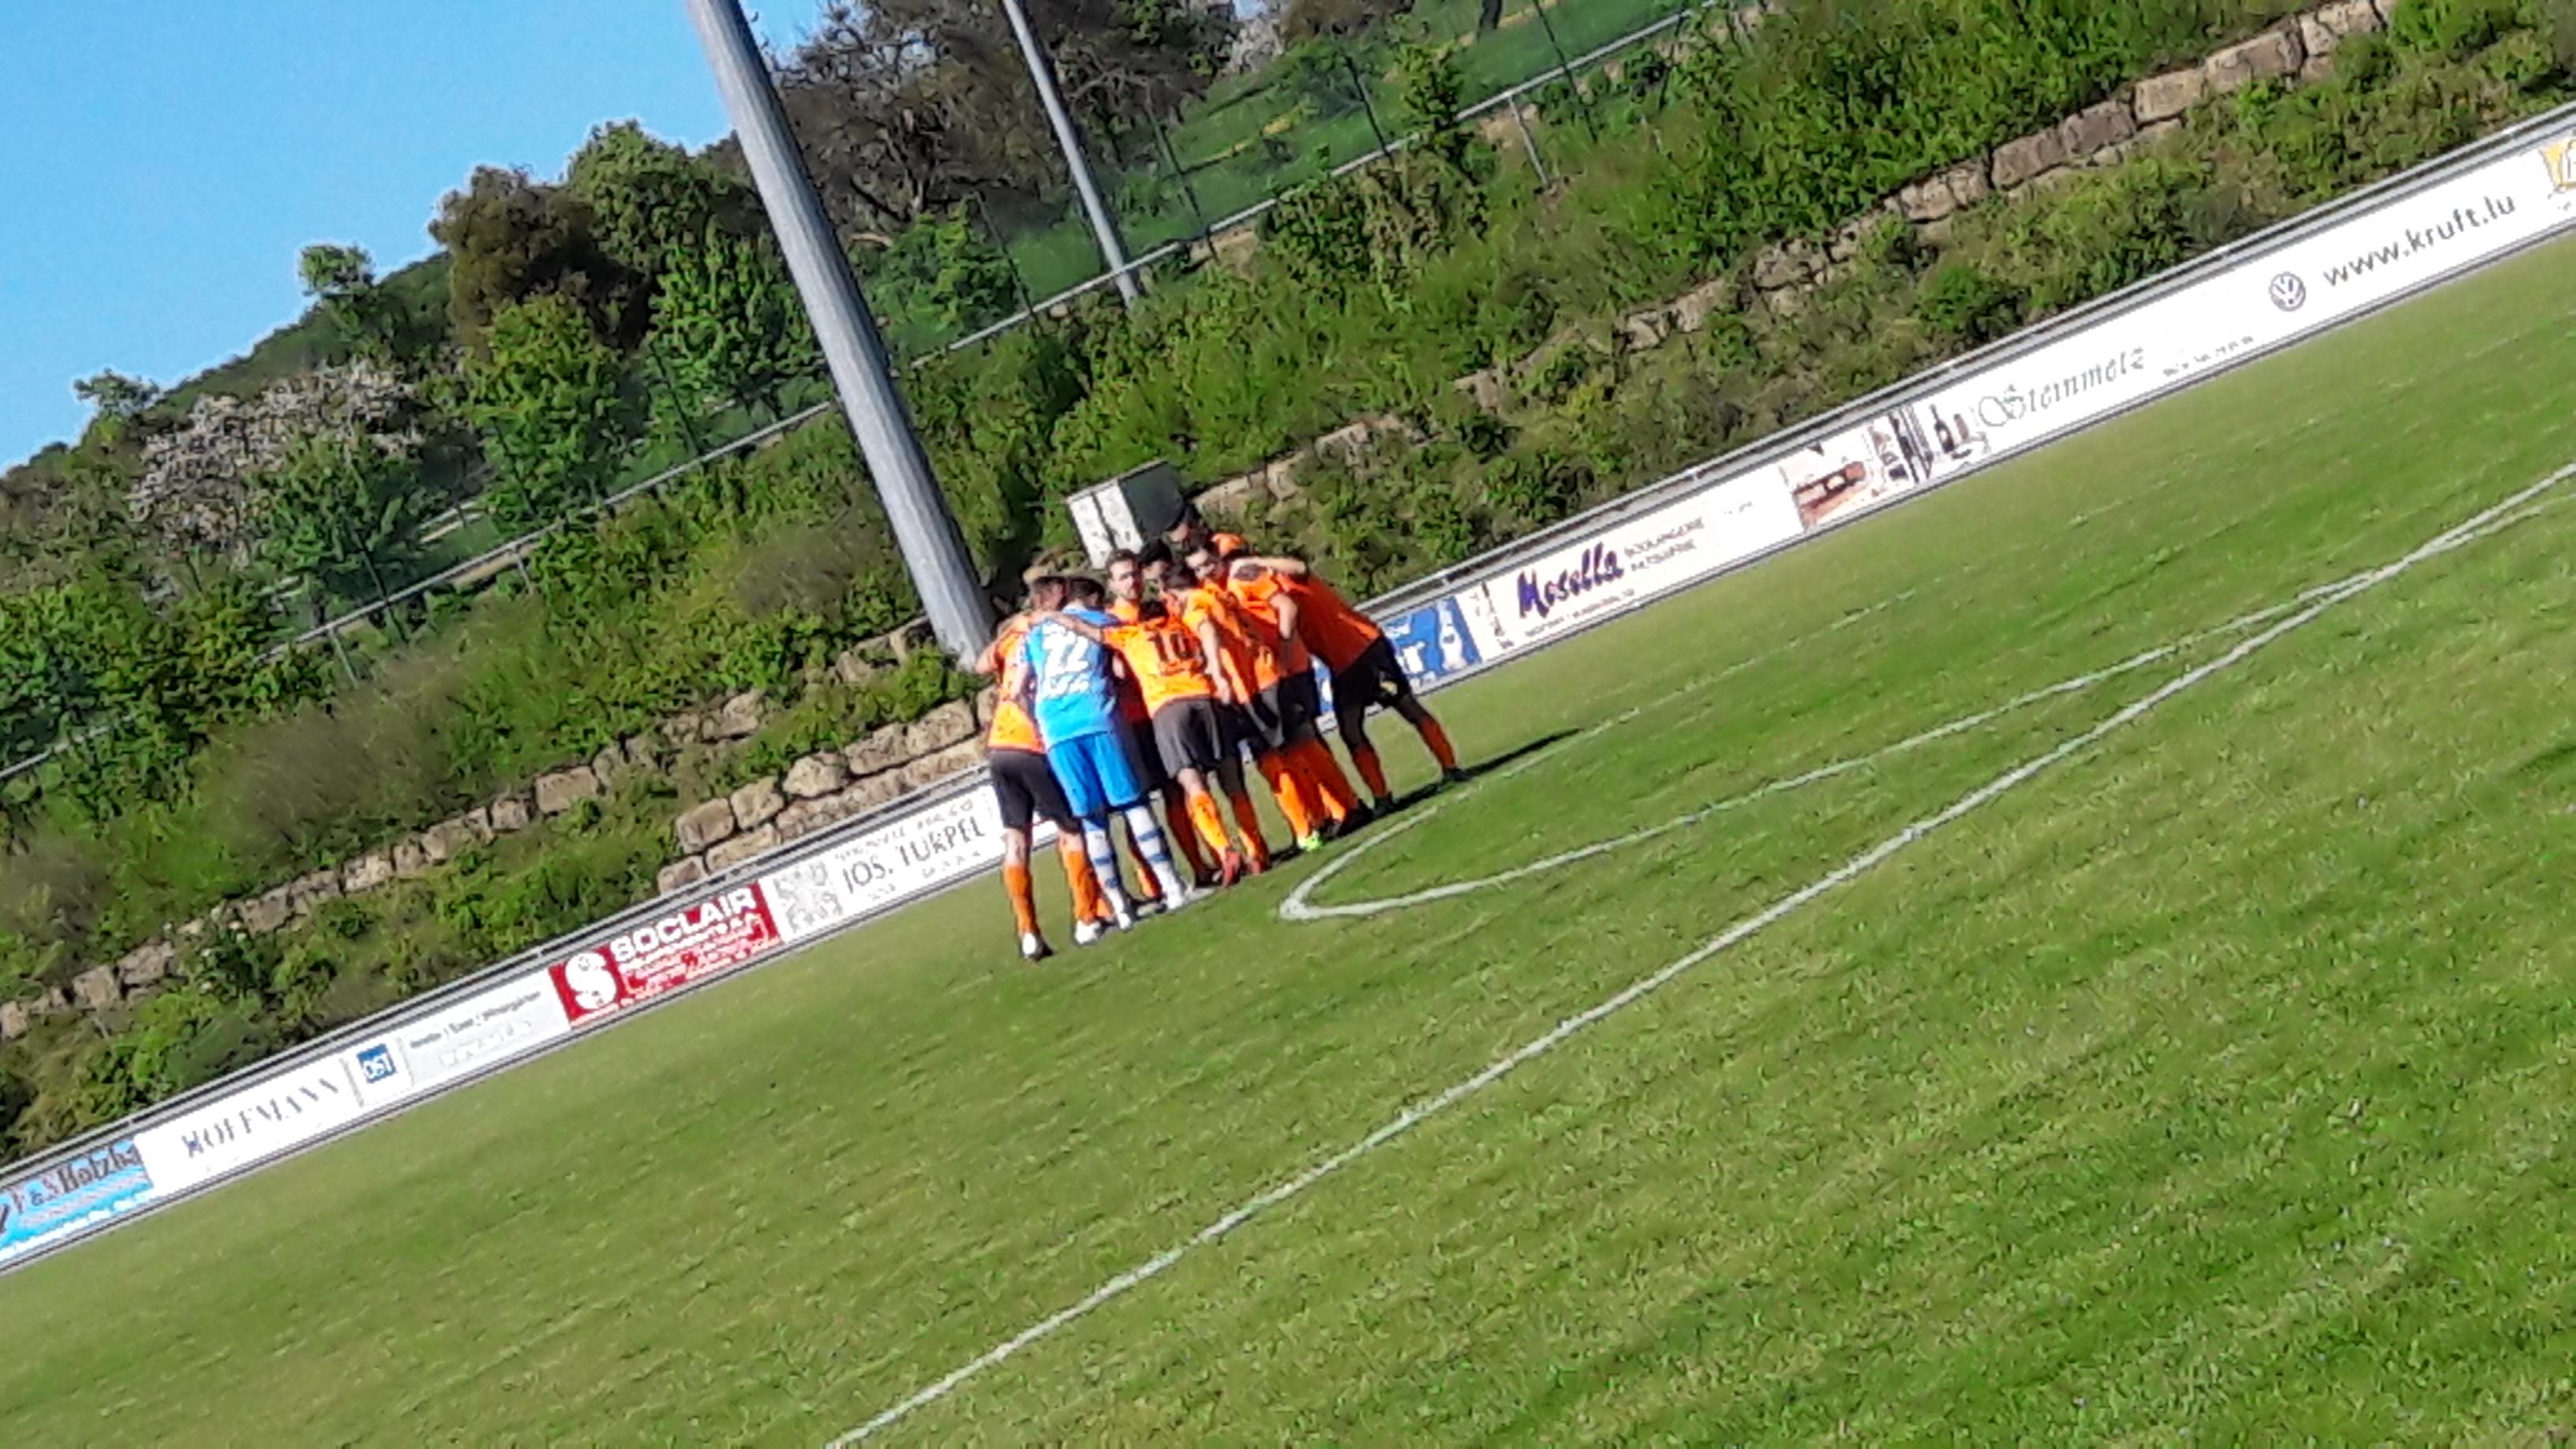 Matchday: FC Mondercange - FC Berdenia Berbourg